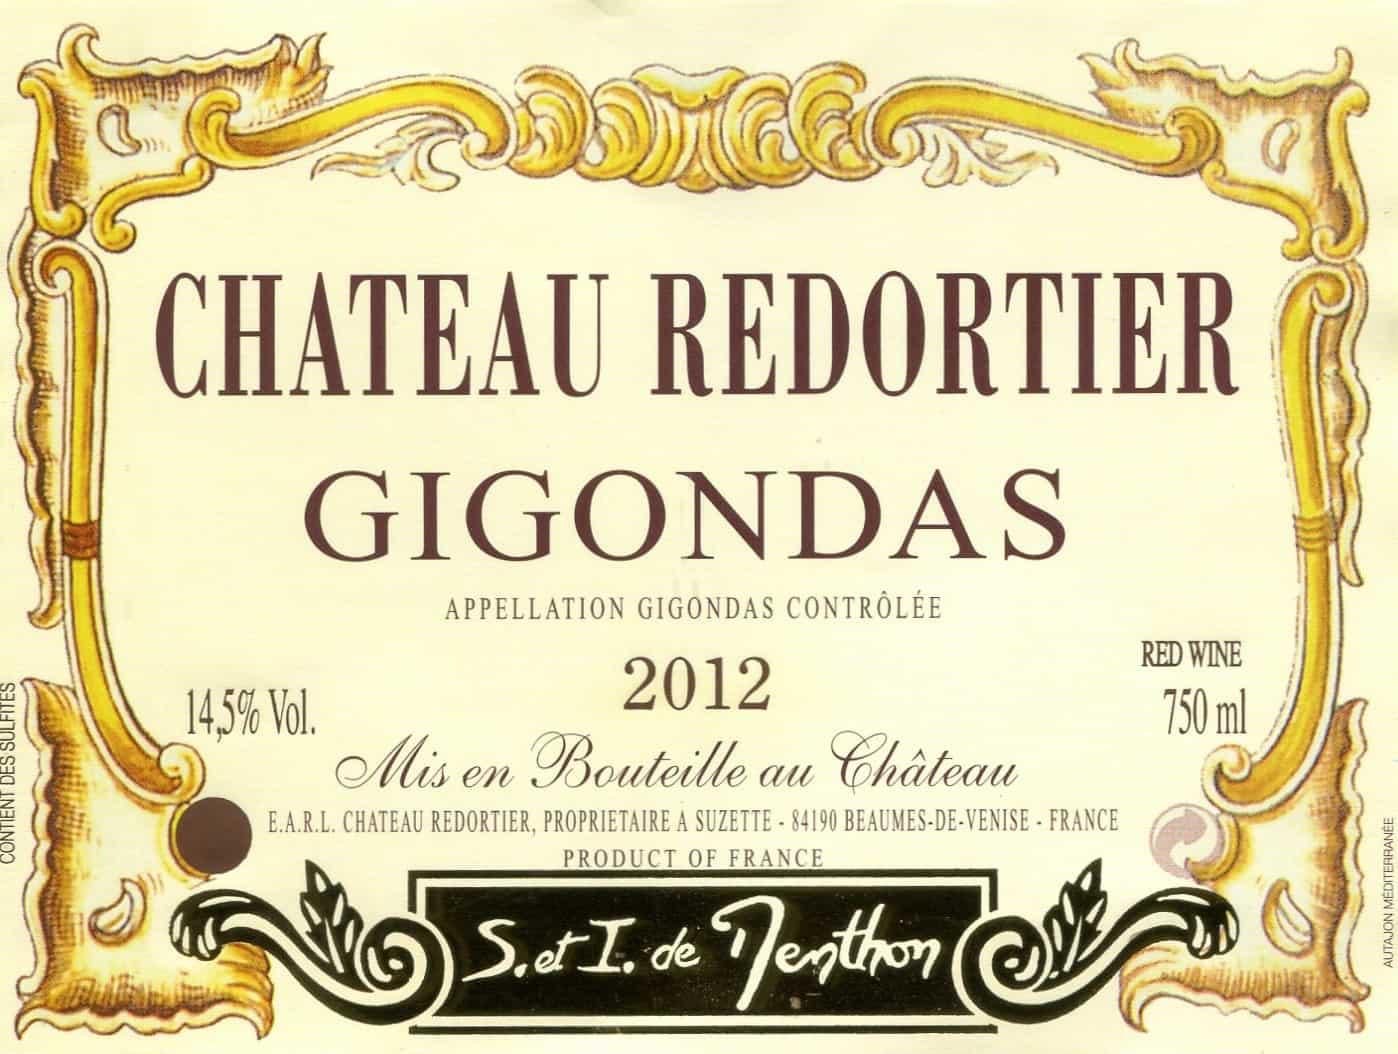 L Gigondas